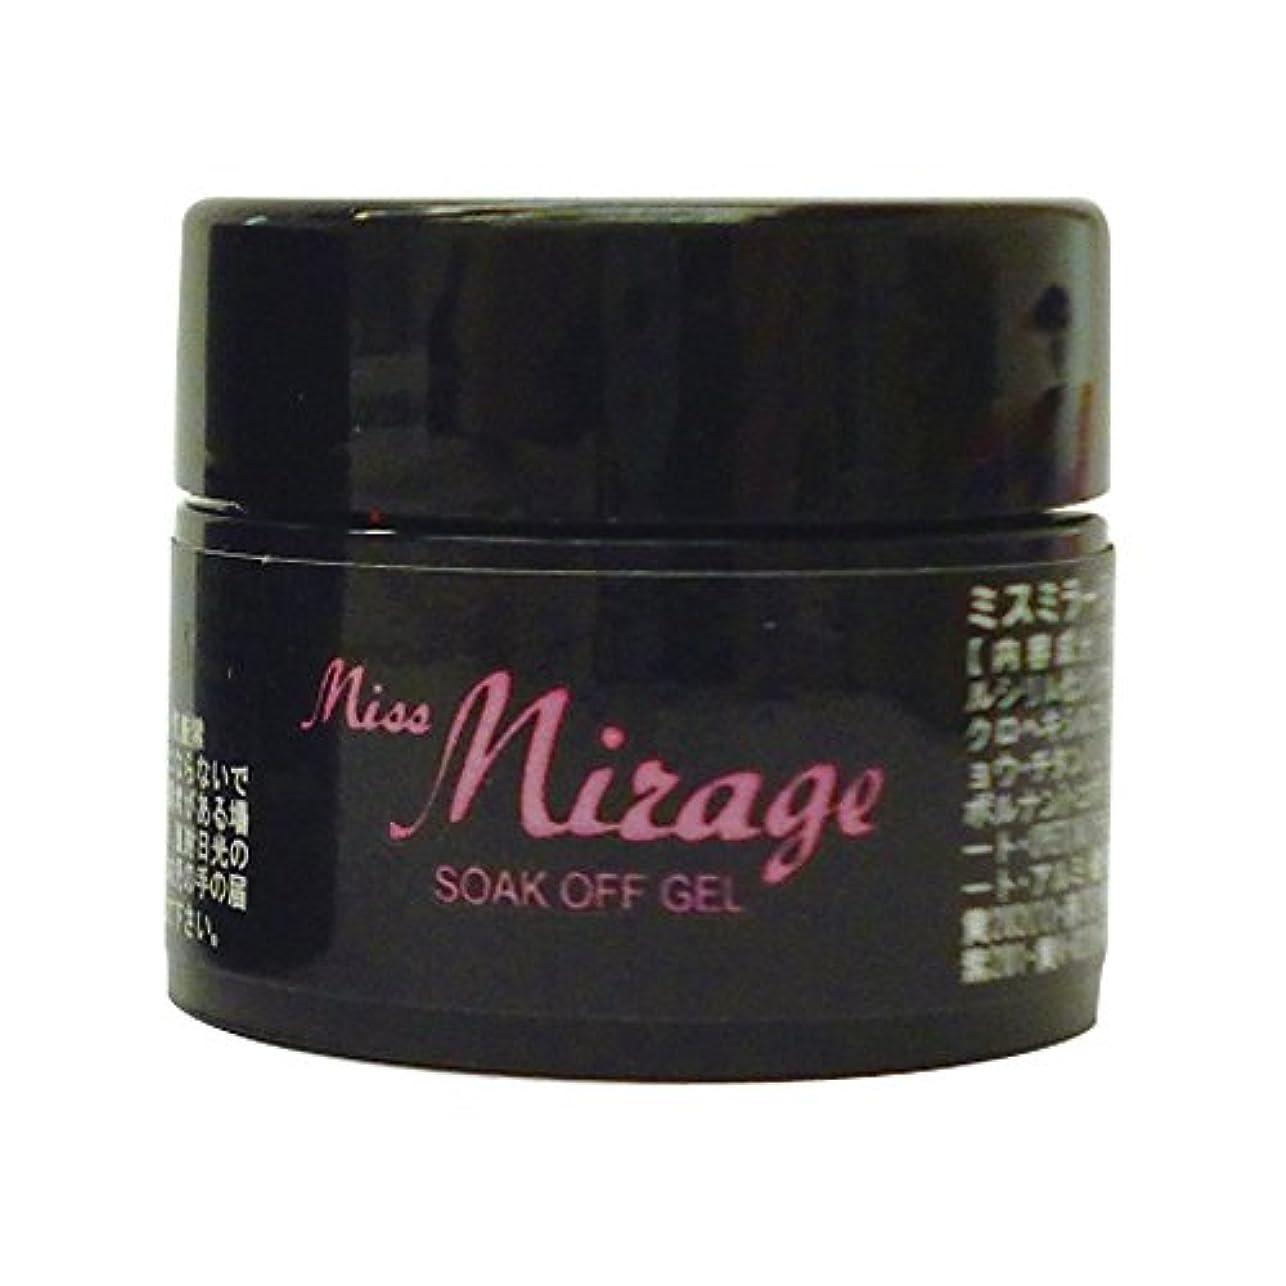 ルネッサンスエキスいつもプロ用カラージェル MISS MIRAGE ミスミラージュ ソークオフジェル NM60S UV/LED対応